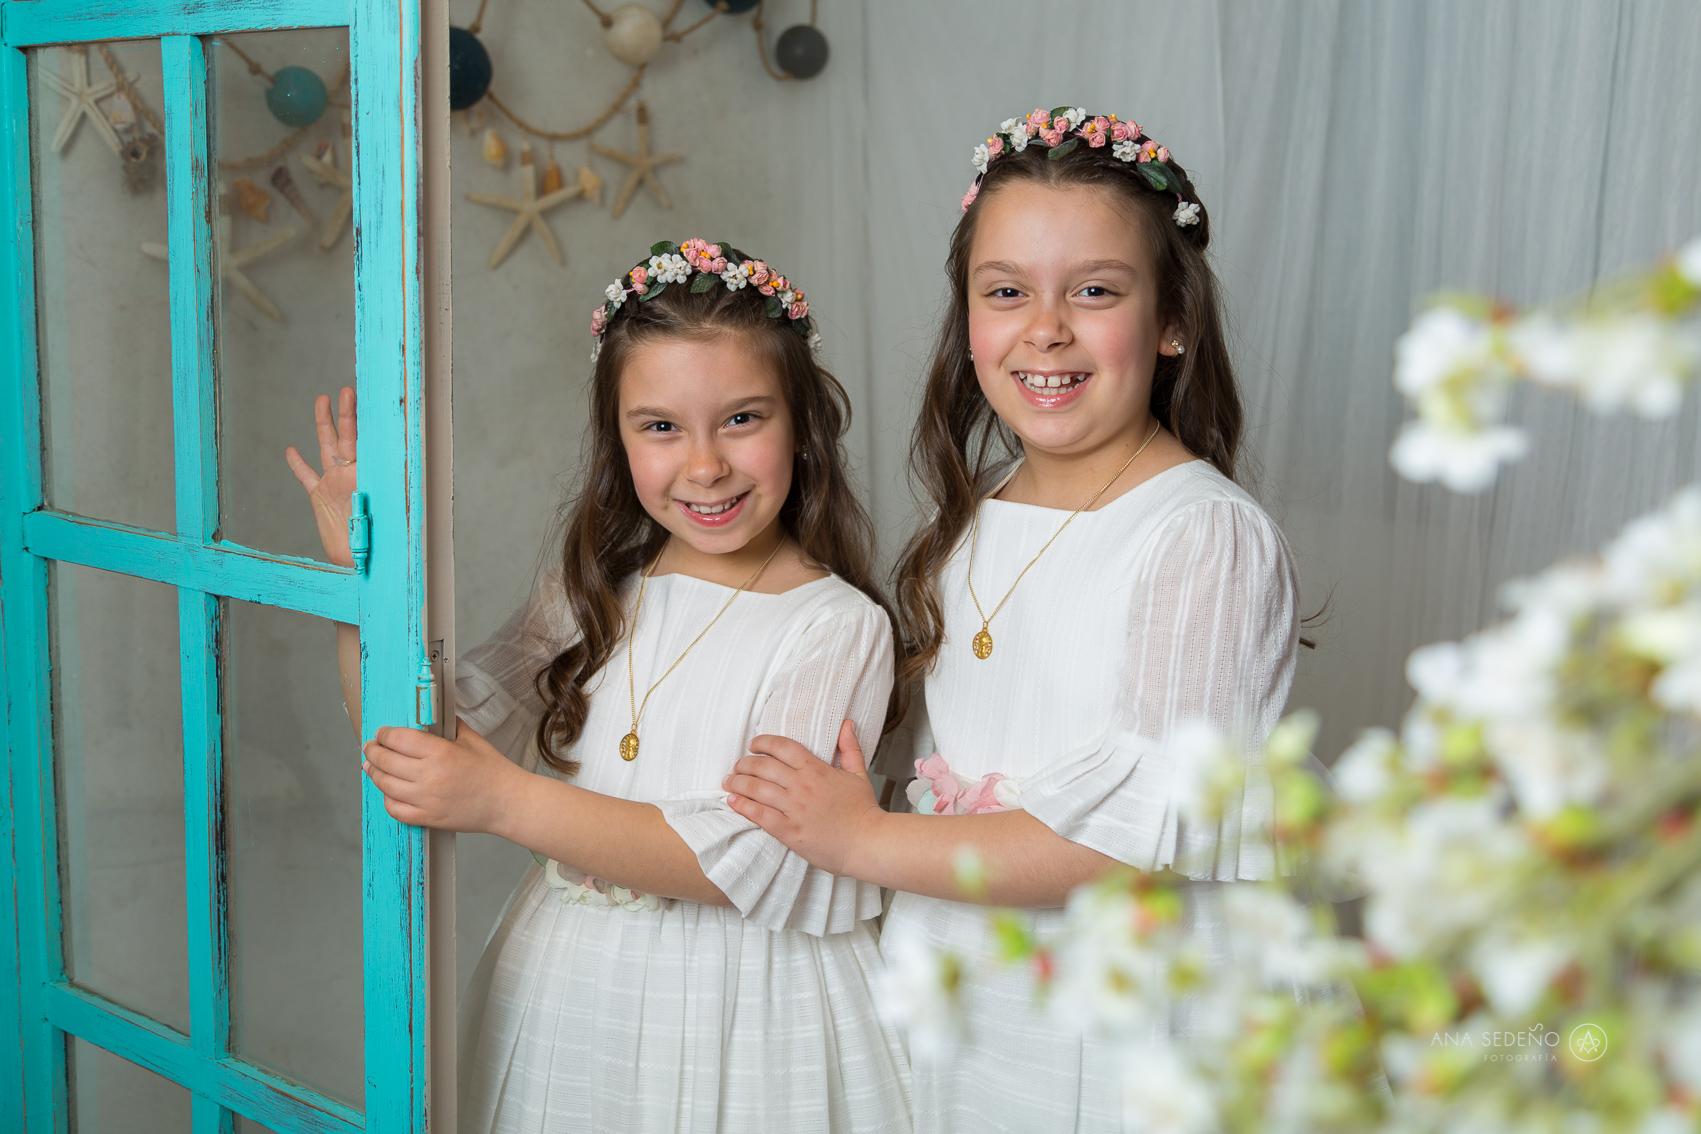 Ana Sedeño Fotografa.-Alba&Raquel0278